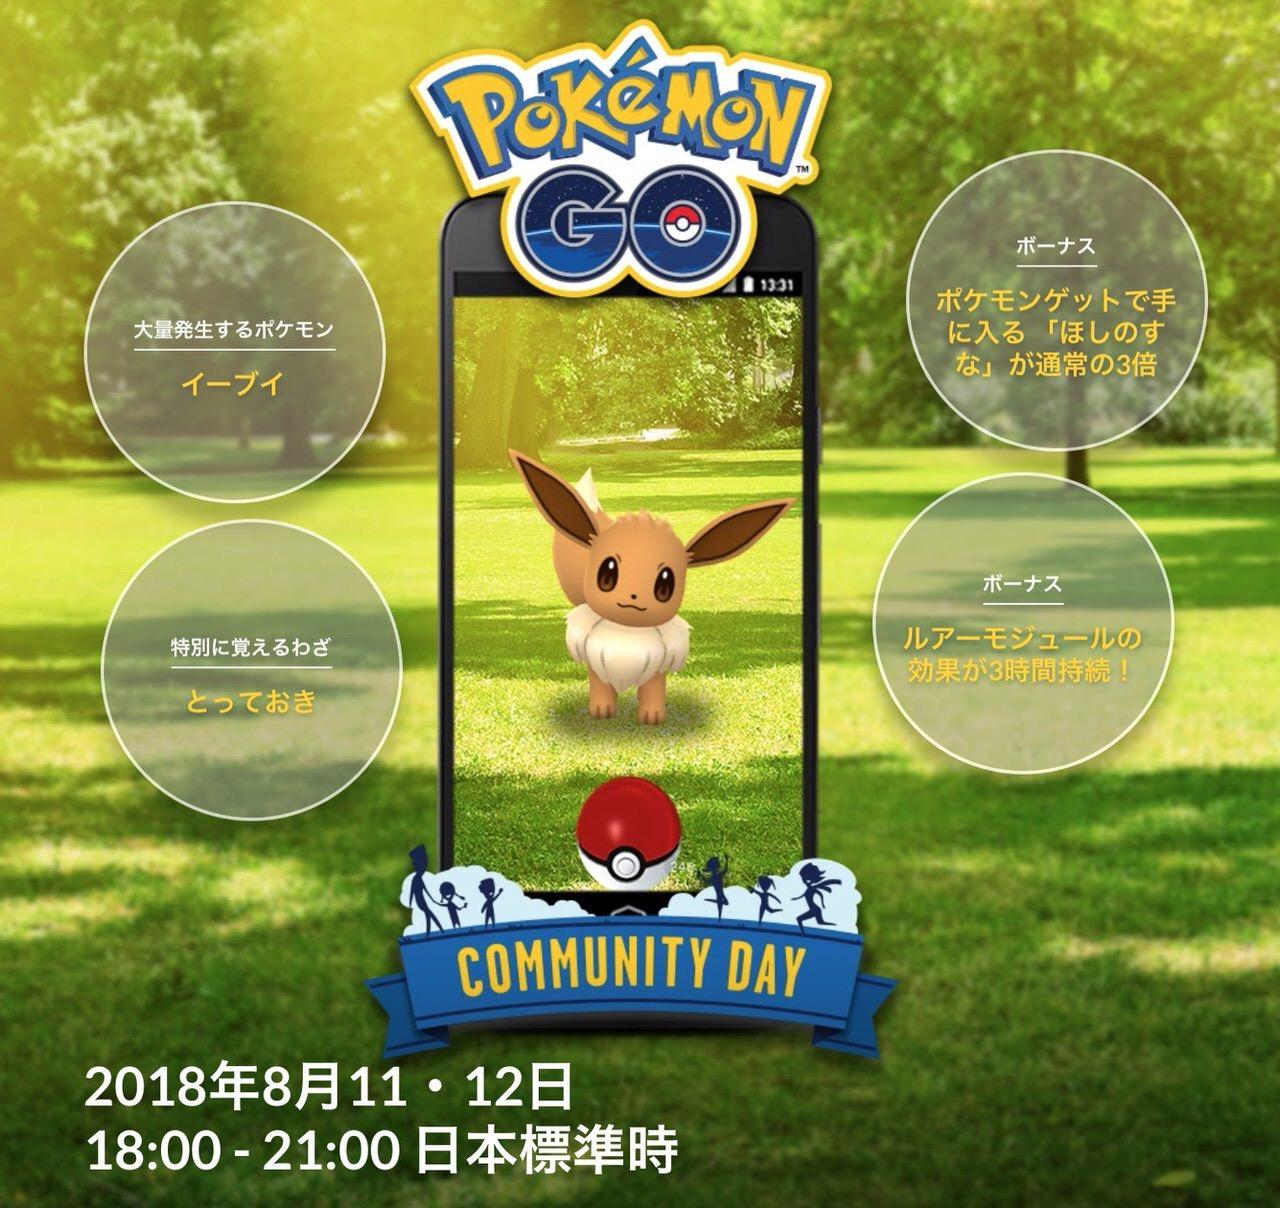 【ポケモンGO】8月11・12日の「Pokémon GO コミュニティ・デイ」開催中のイーブイは「とっておき」を覚えている